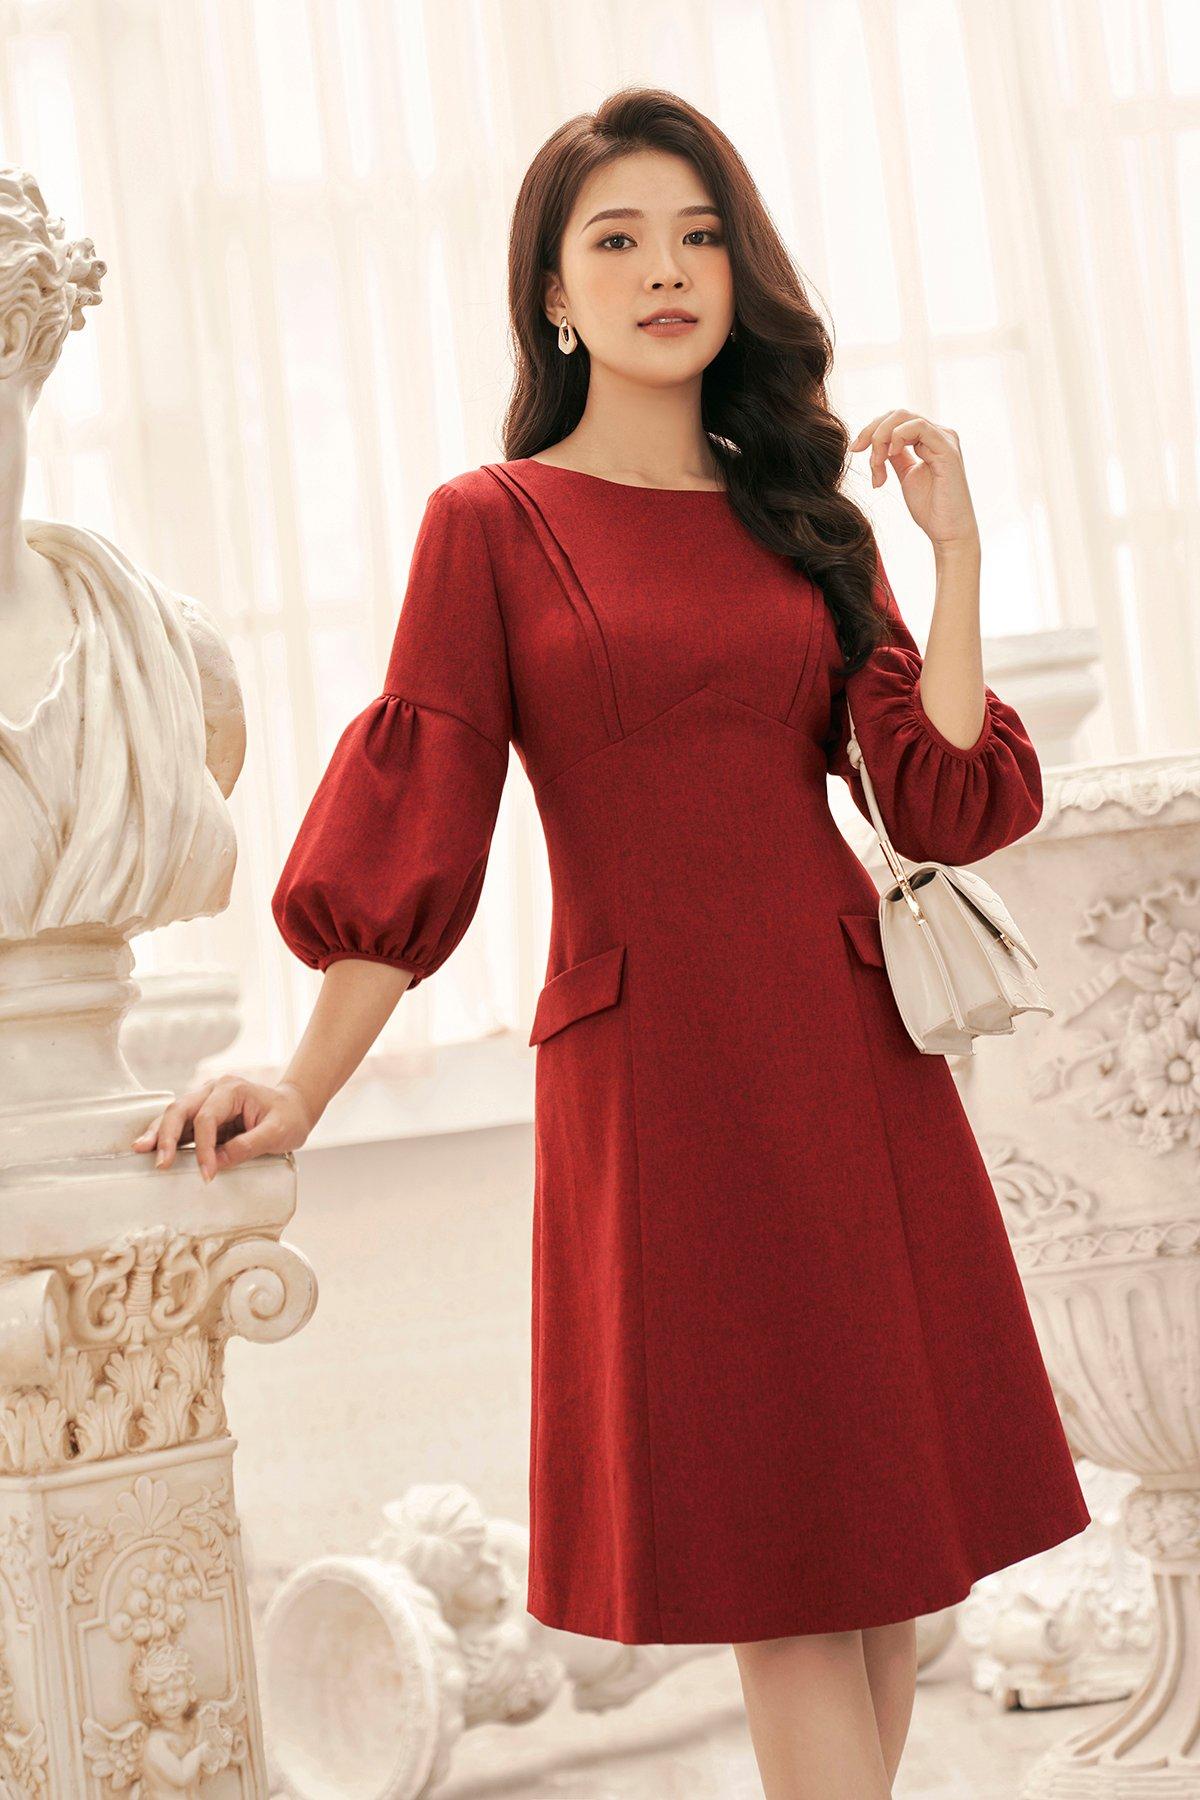 Váy cổ tròn tay bồng túi nắp đỏ